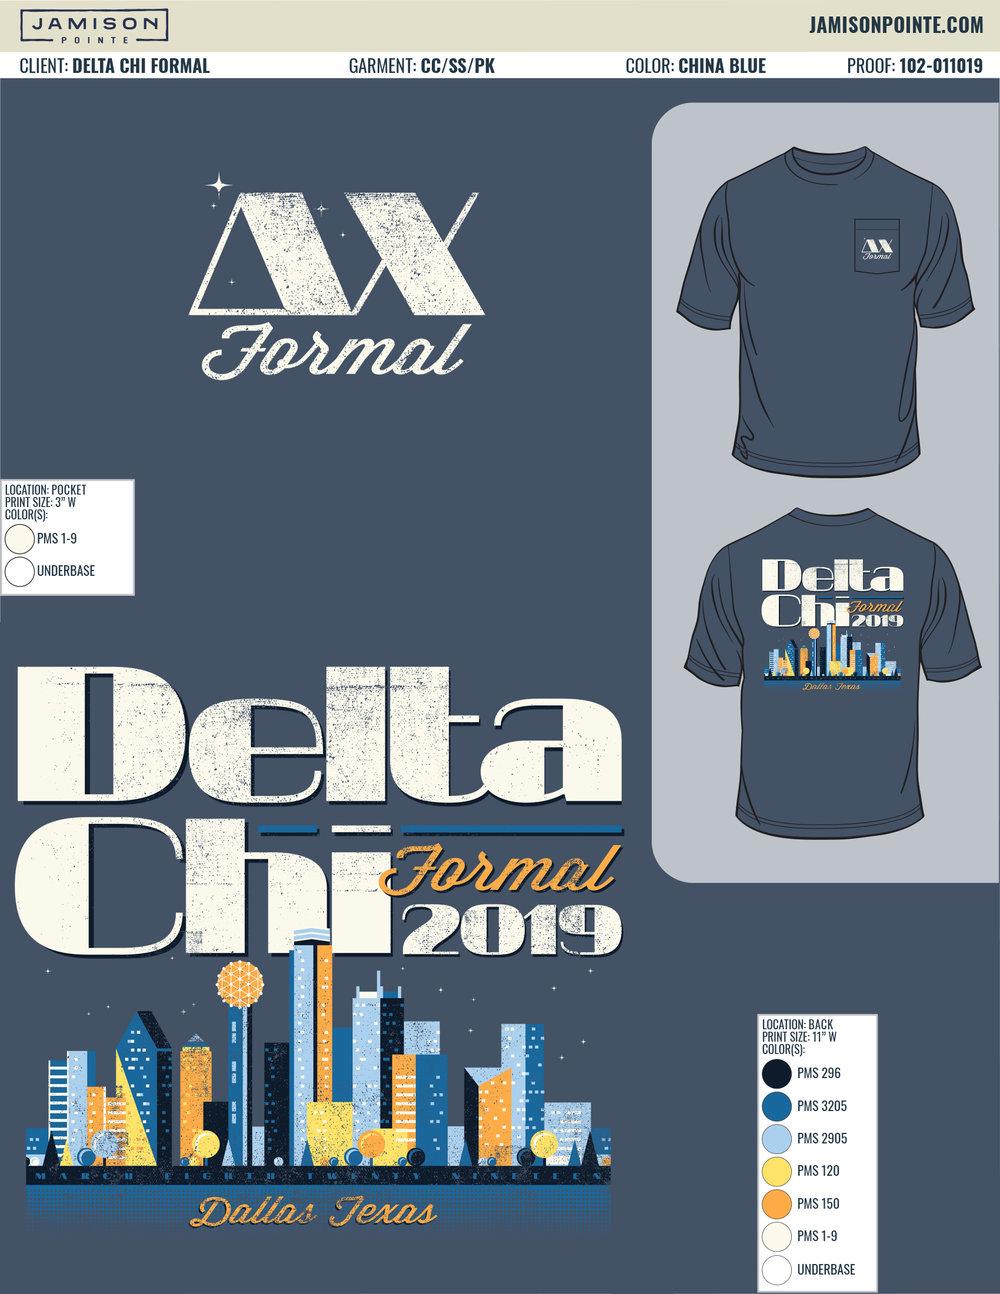 102-011019 Delta Chi Formal.jpg